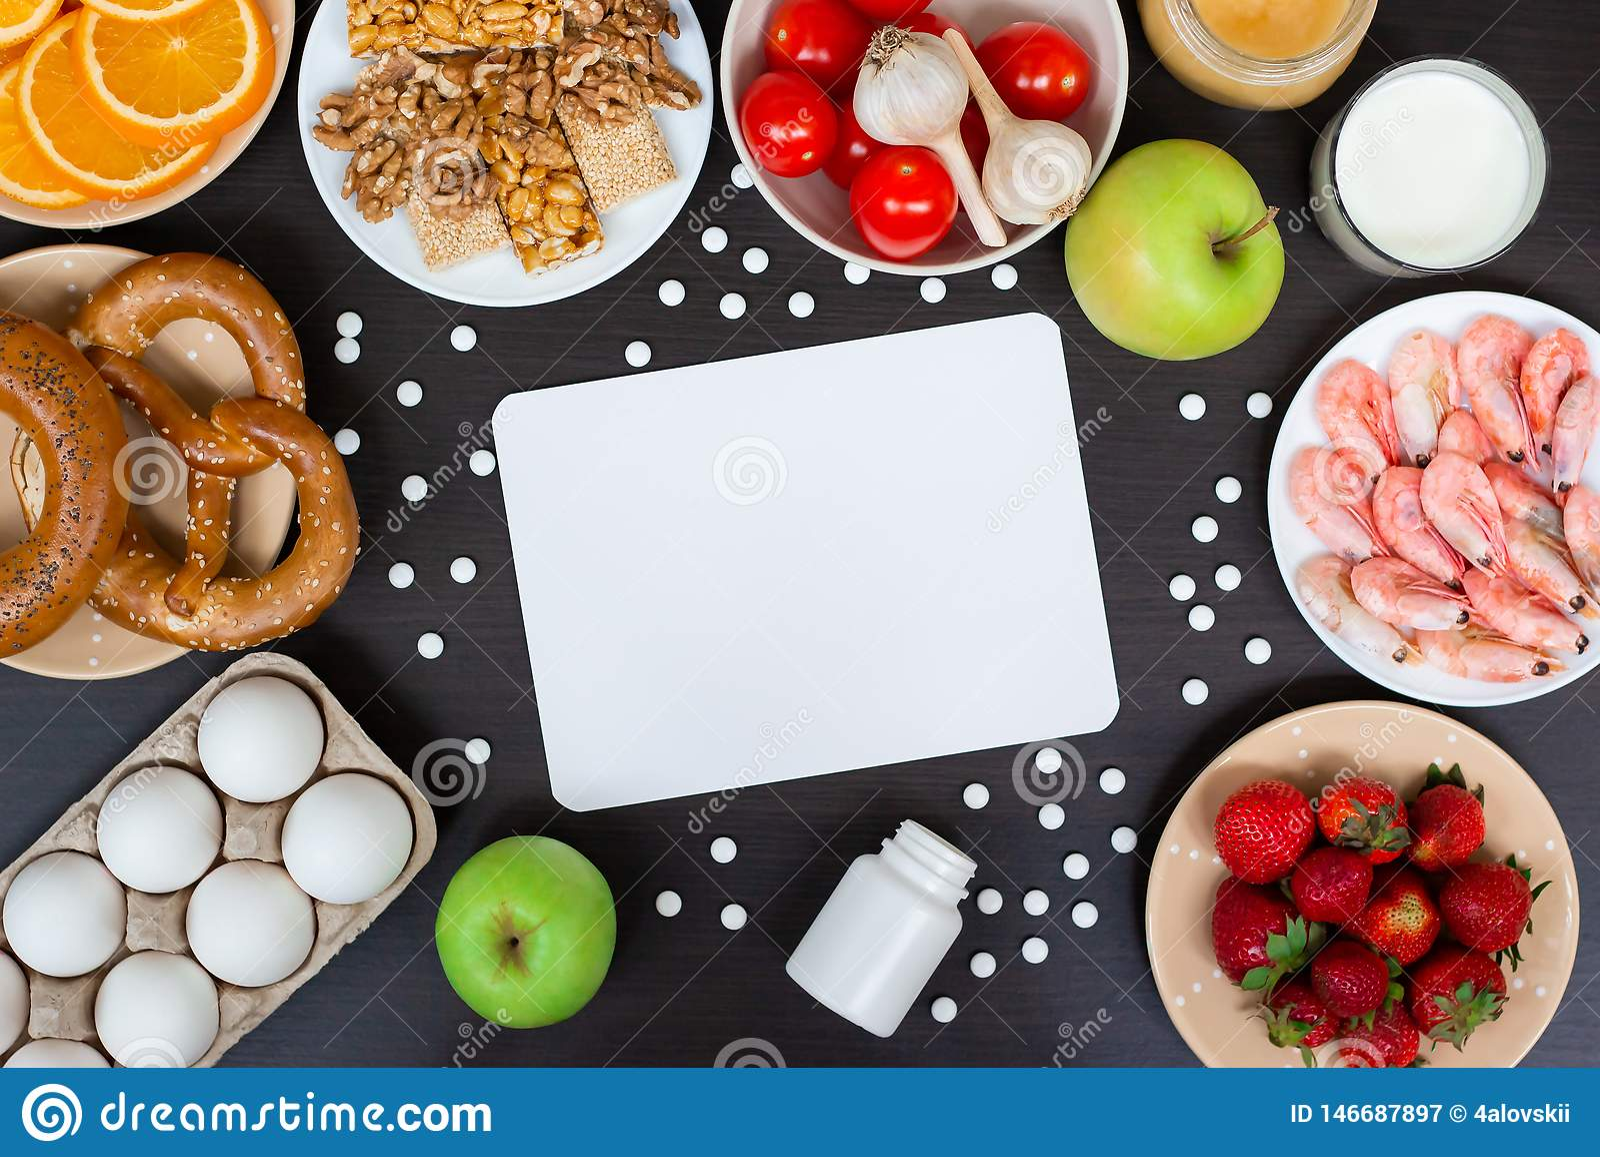 Stellen Sie von den allergischen Produkten als Milch, Orangen, Tomaten, Knoblauch, Garnele, Erdnüsse, Eier, Äpfel, Brot, Erdbeere